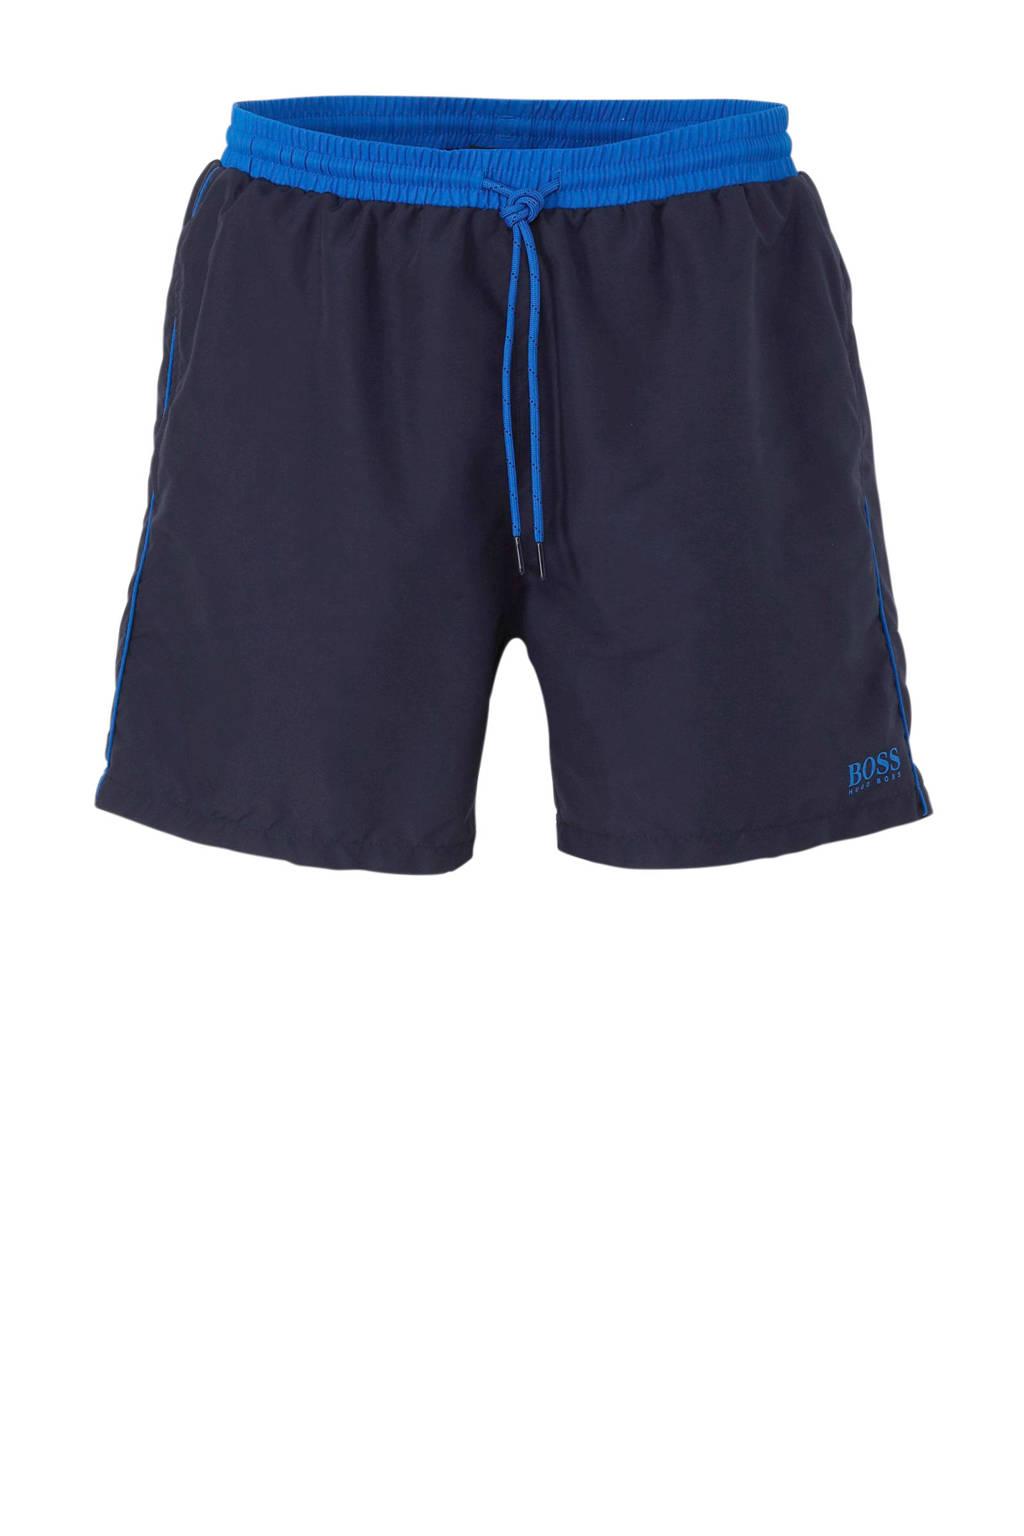 BOSS zwemshort Starfish blauw, Marine / blauw